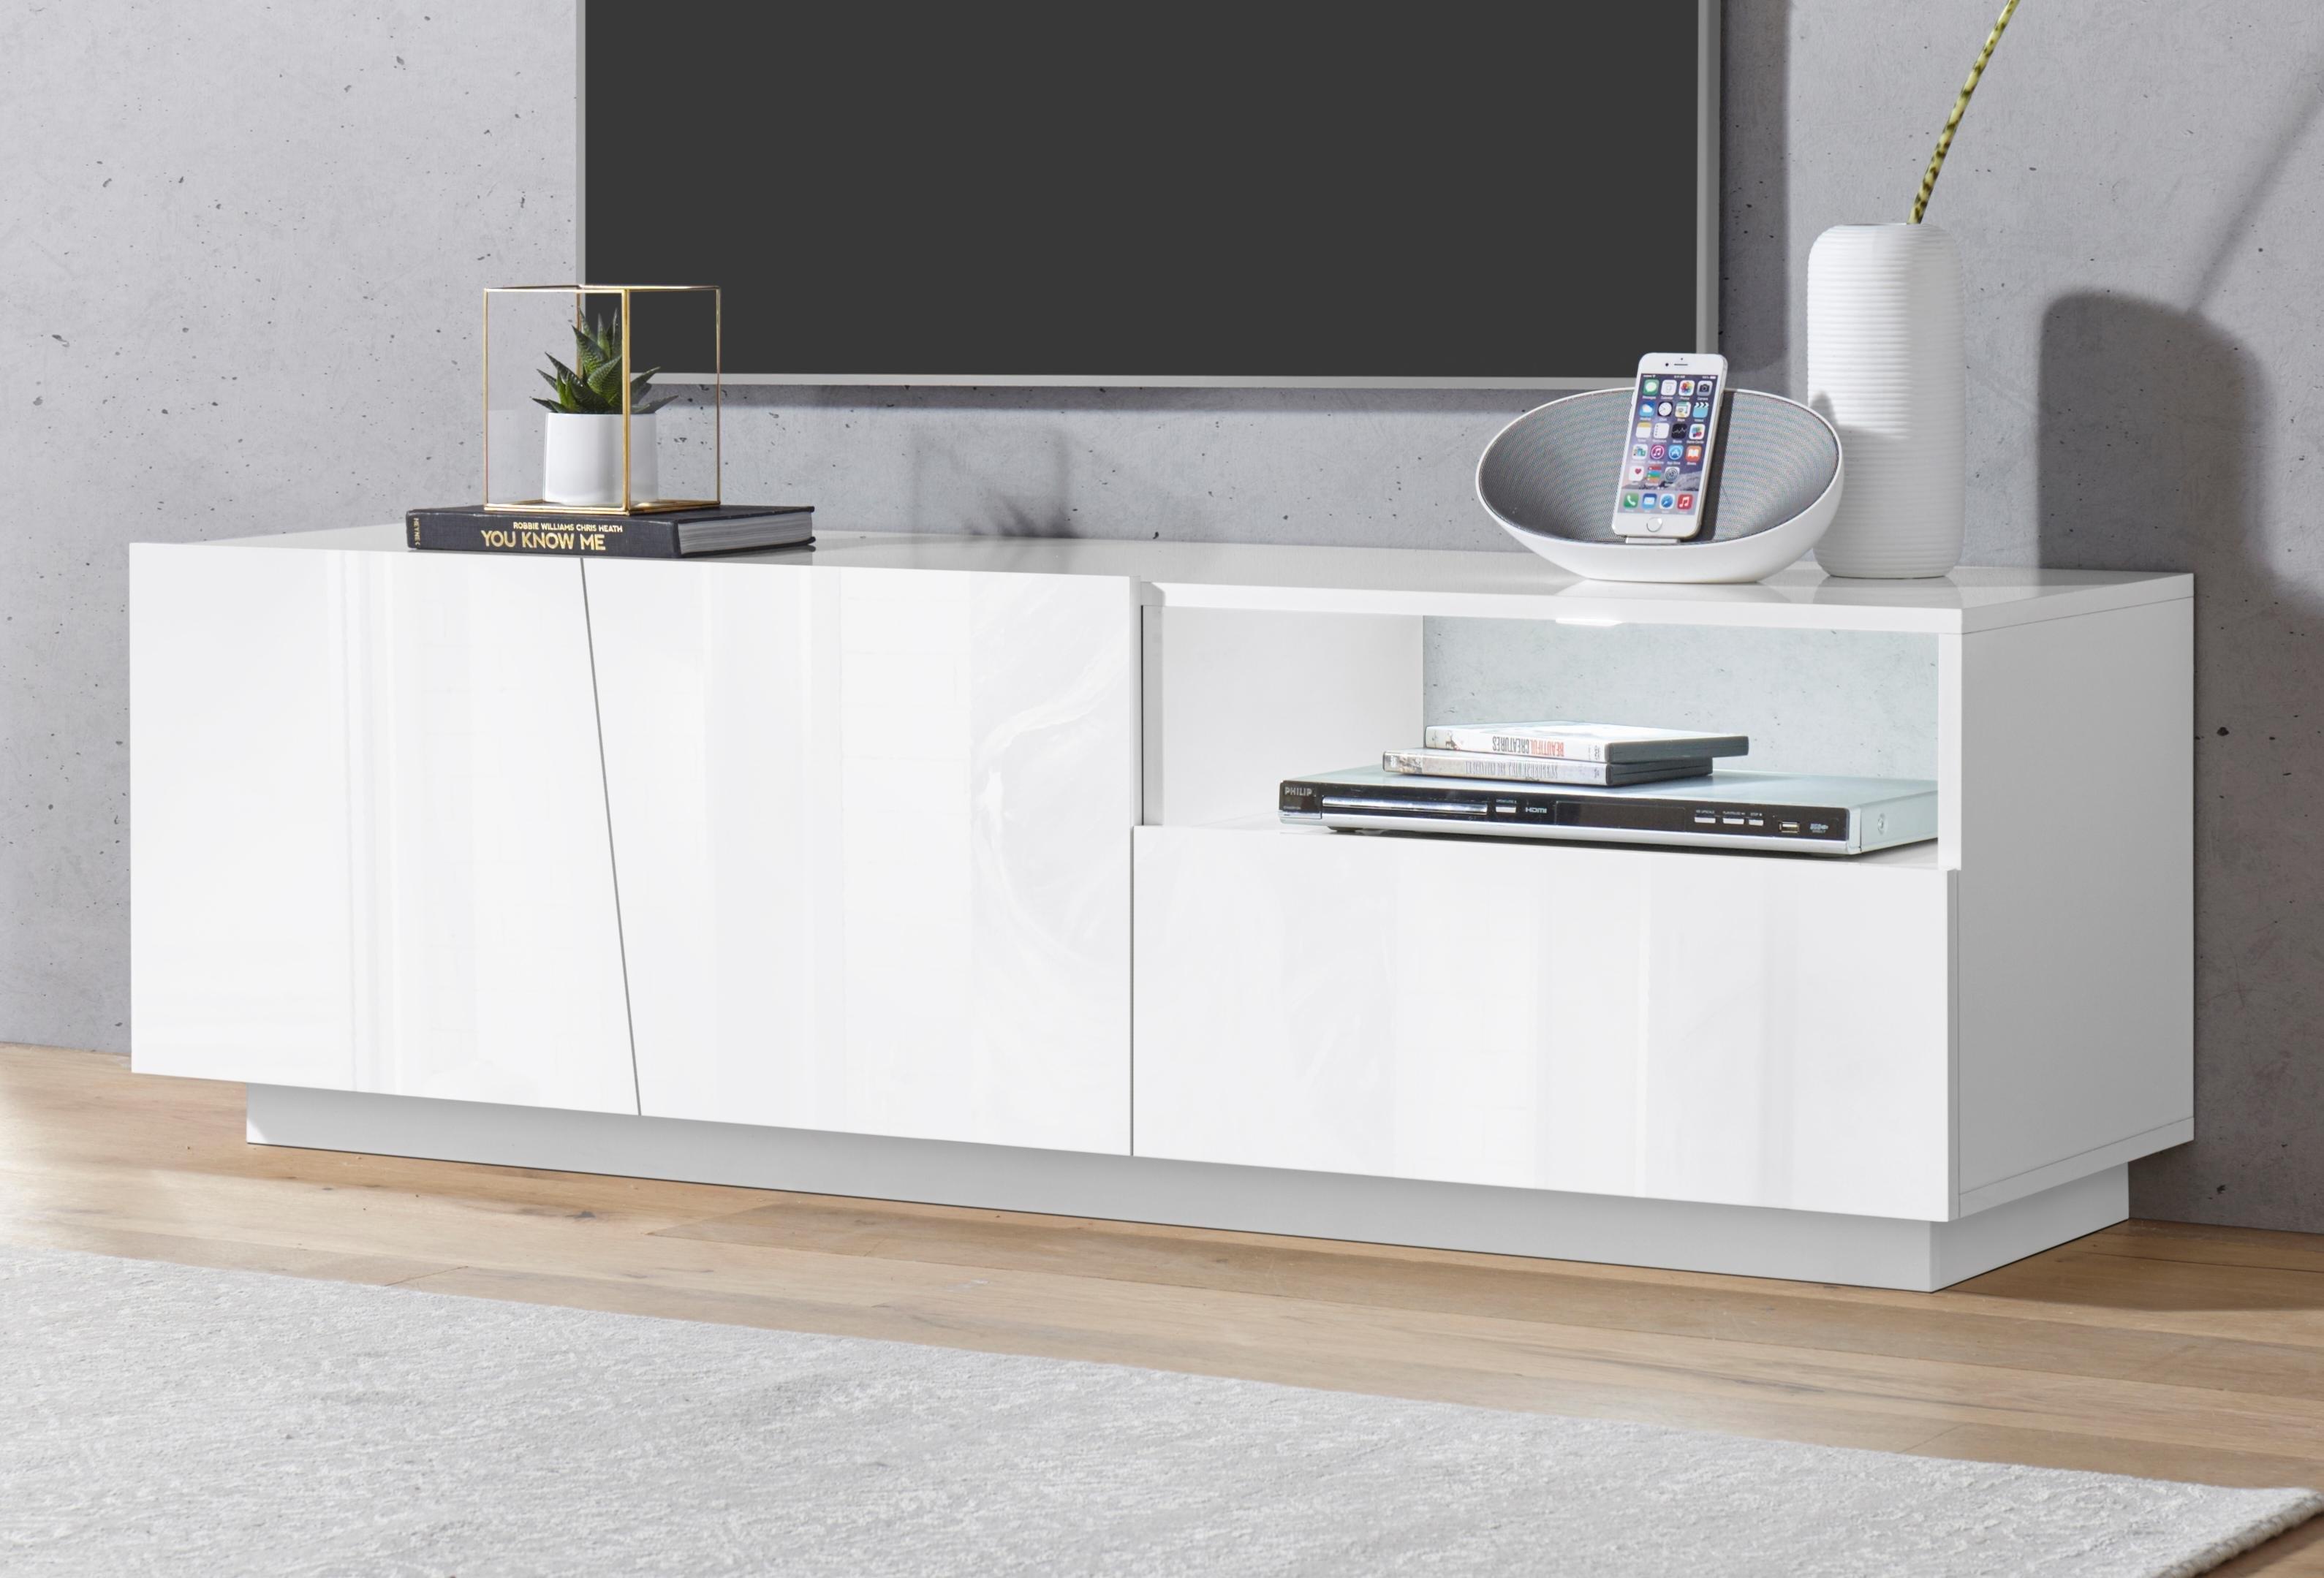 Tecnos tv-meubel »Vega«, breedte 150 cm bestellen: 14 dagen bedenktijd